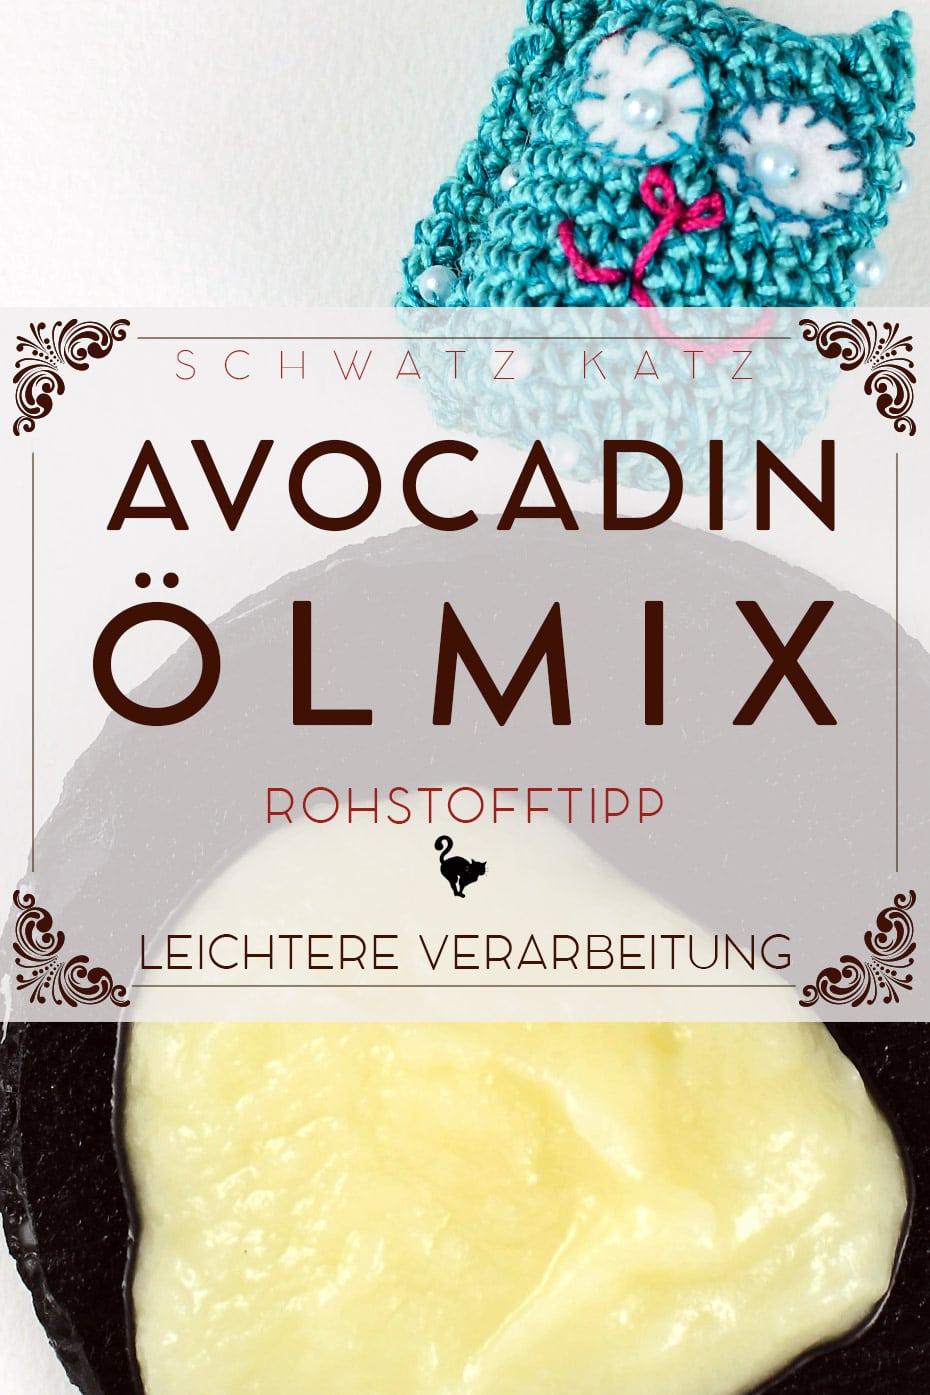 Avocadin-Öl zur leichteren Verarbeitung | Schwatz Katz